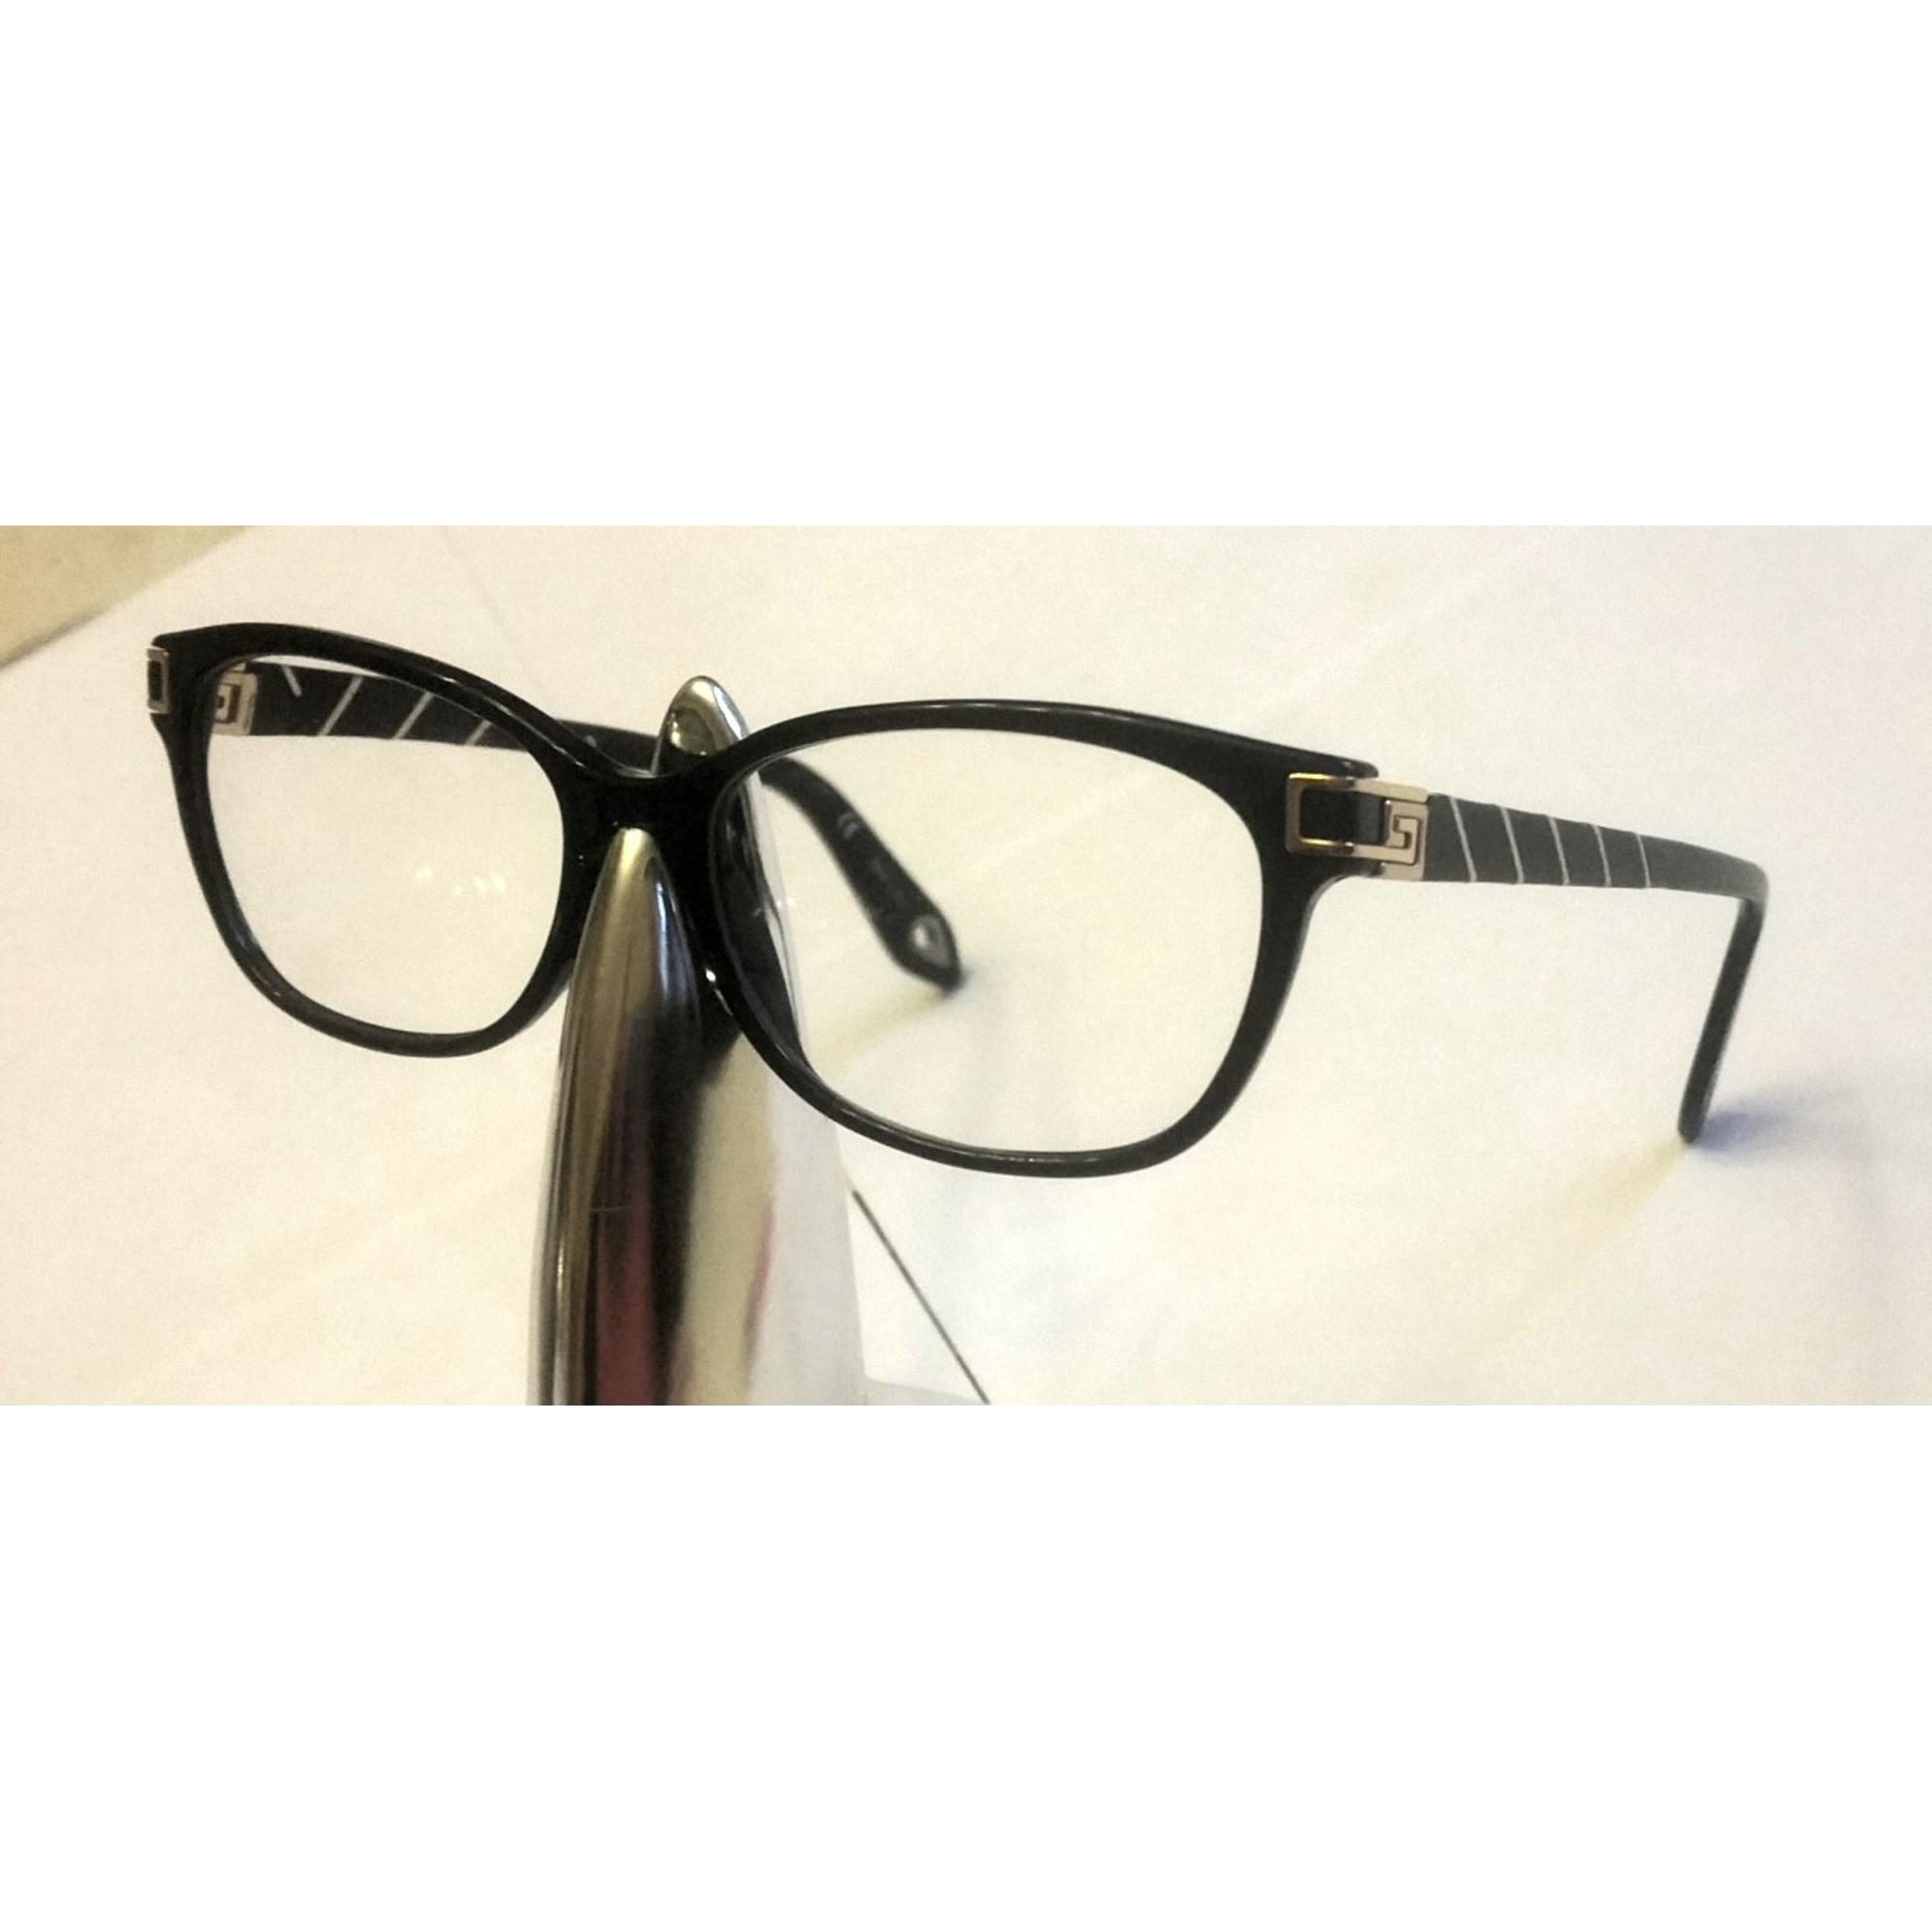 Monture de lunettes GIVENCHY noir vendu par Nivolas optique - 6777644 6d72ab563698